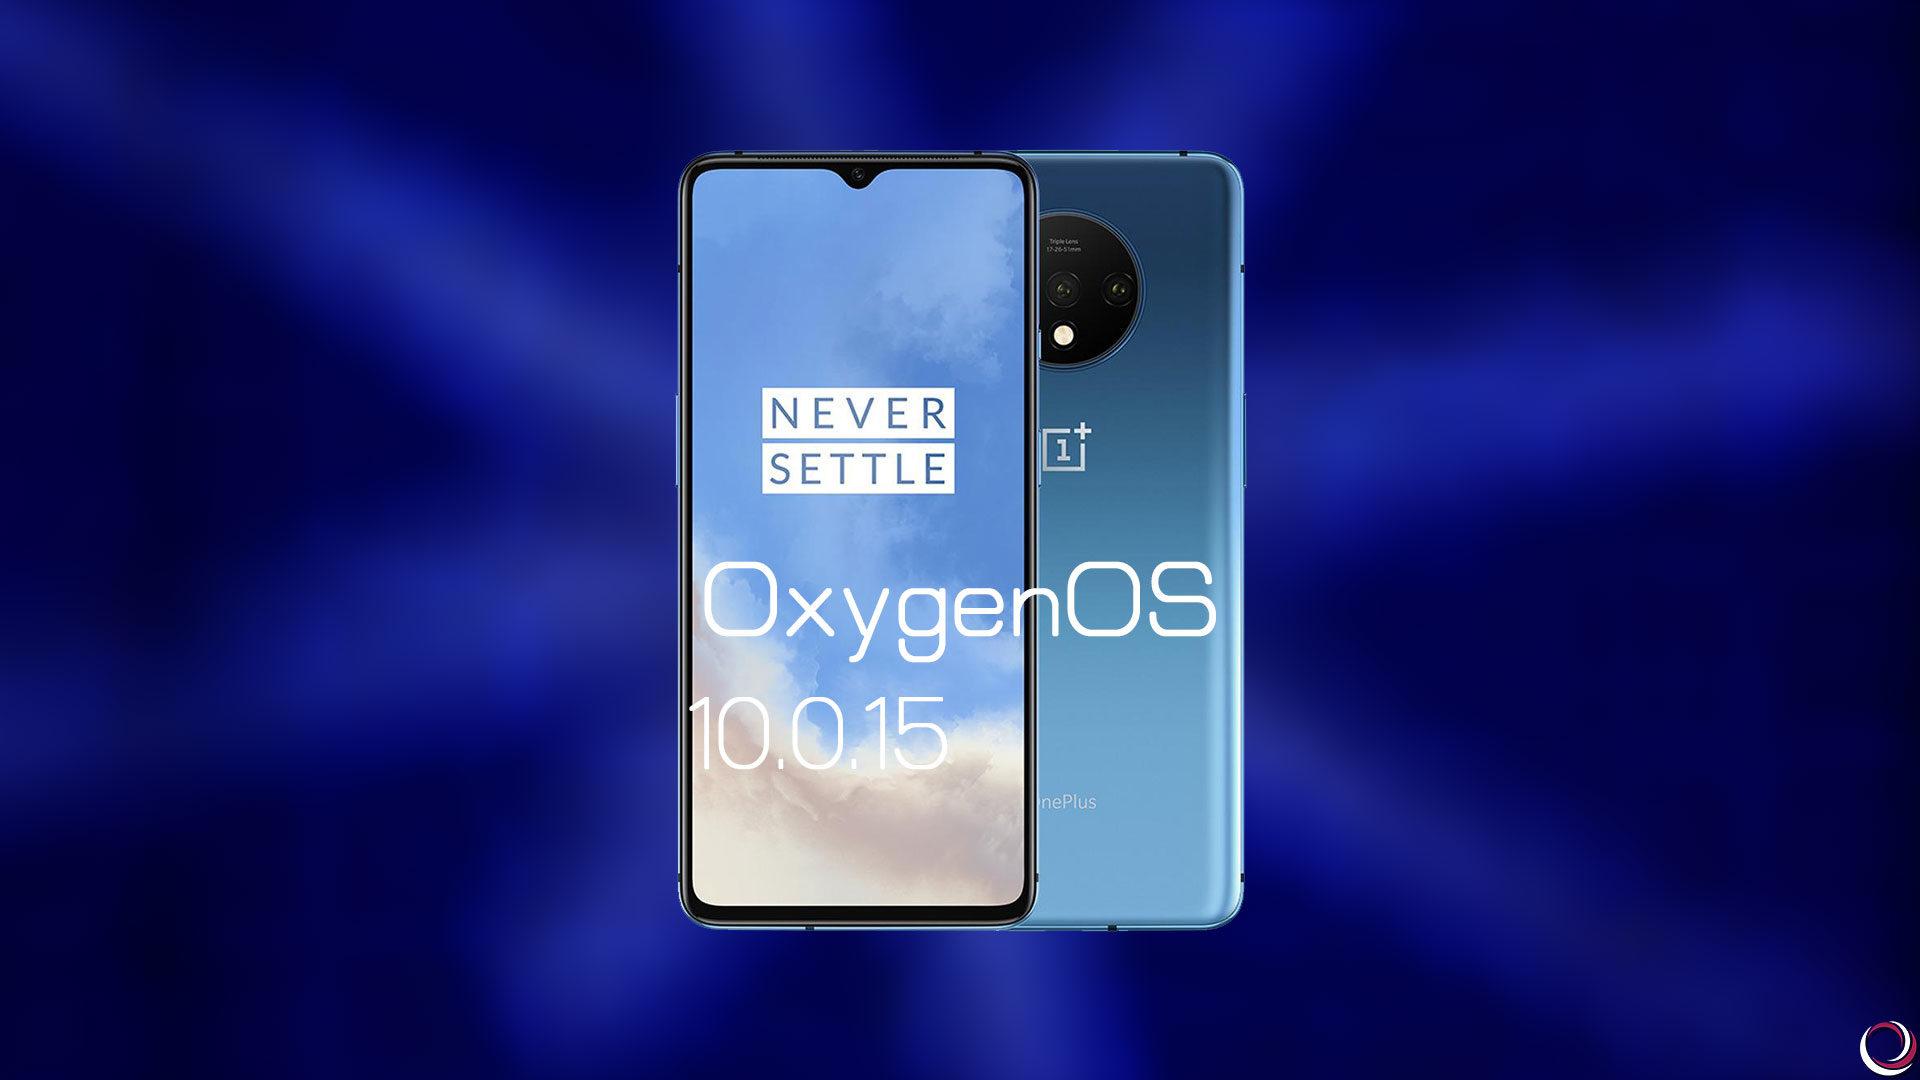 「OnePlus 7T」向けに通話時の誤タッチを防ぐための改善が含まれる「OxygenOS 10.0.15」がリリース